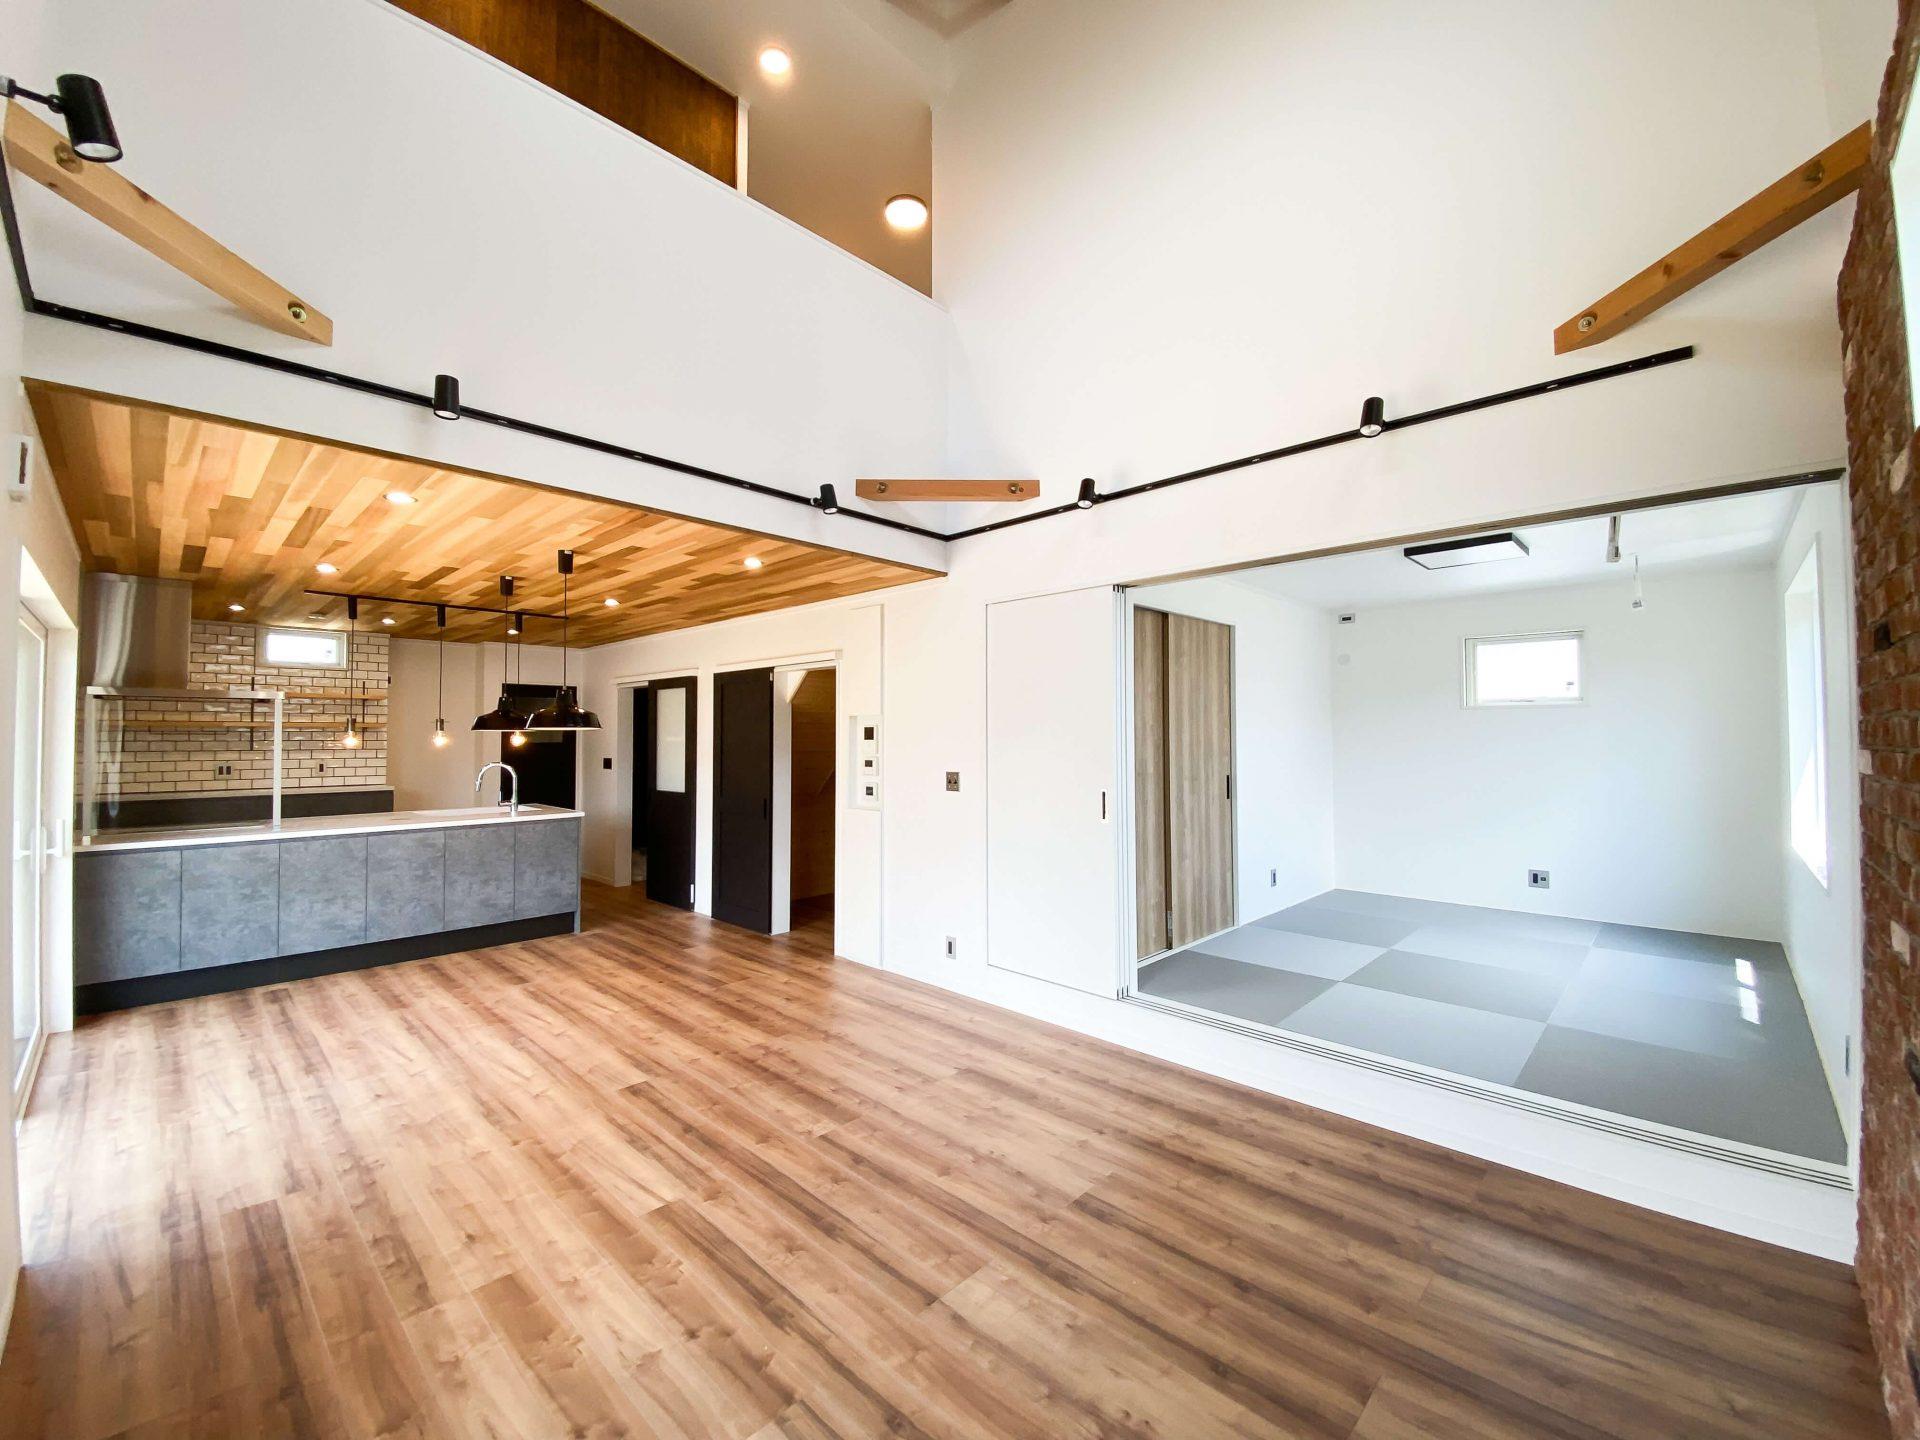 石岡市で住宅見学会を開催20210807内装1